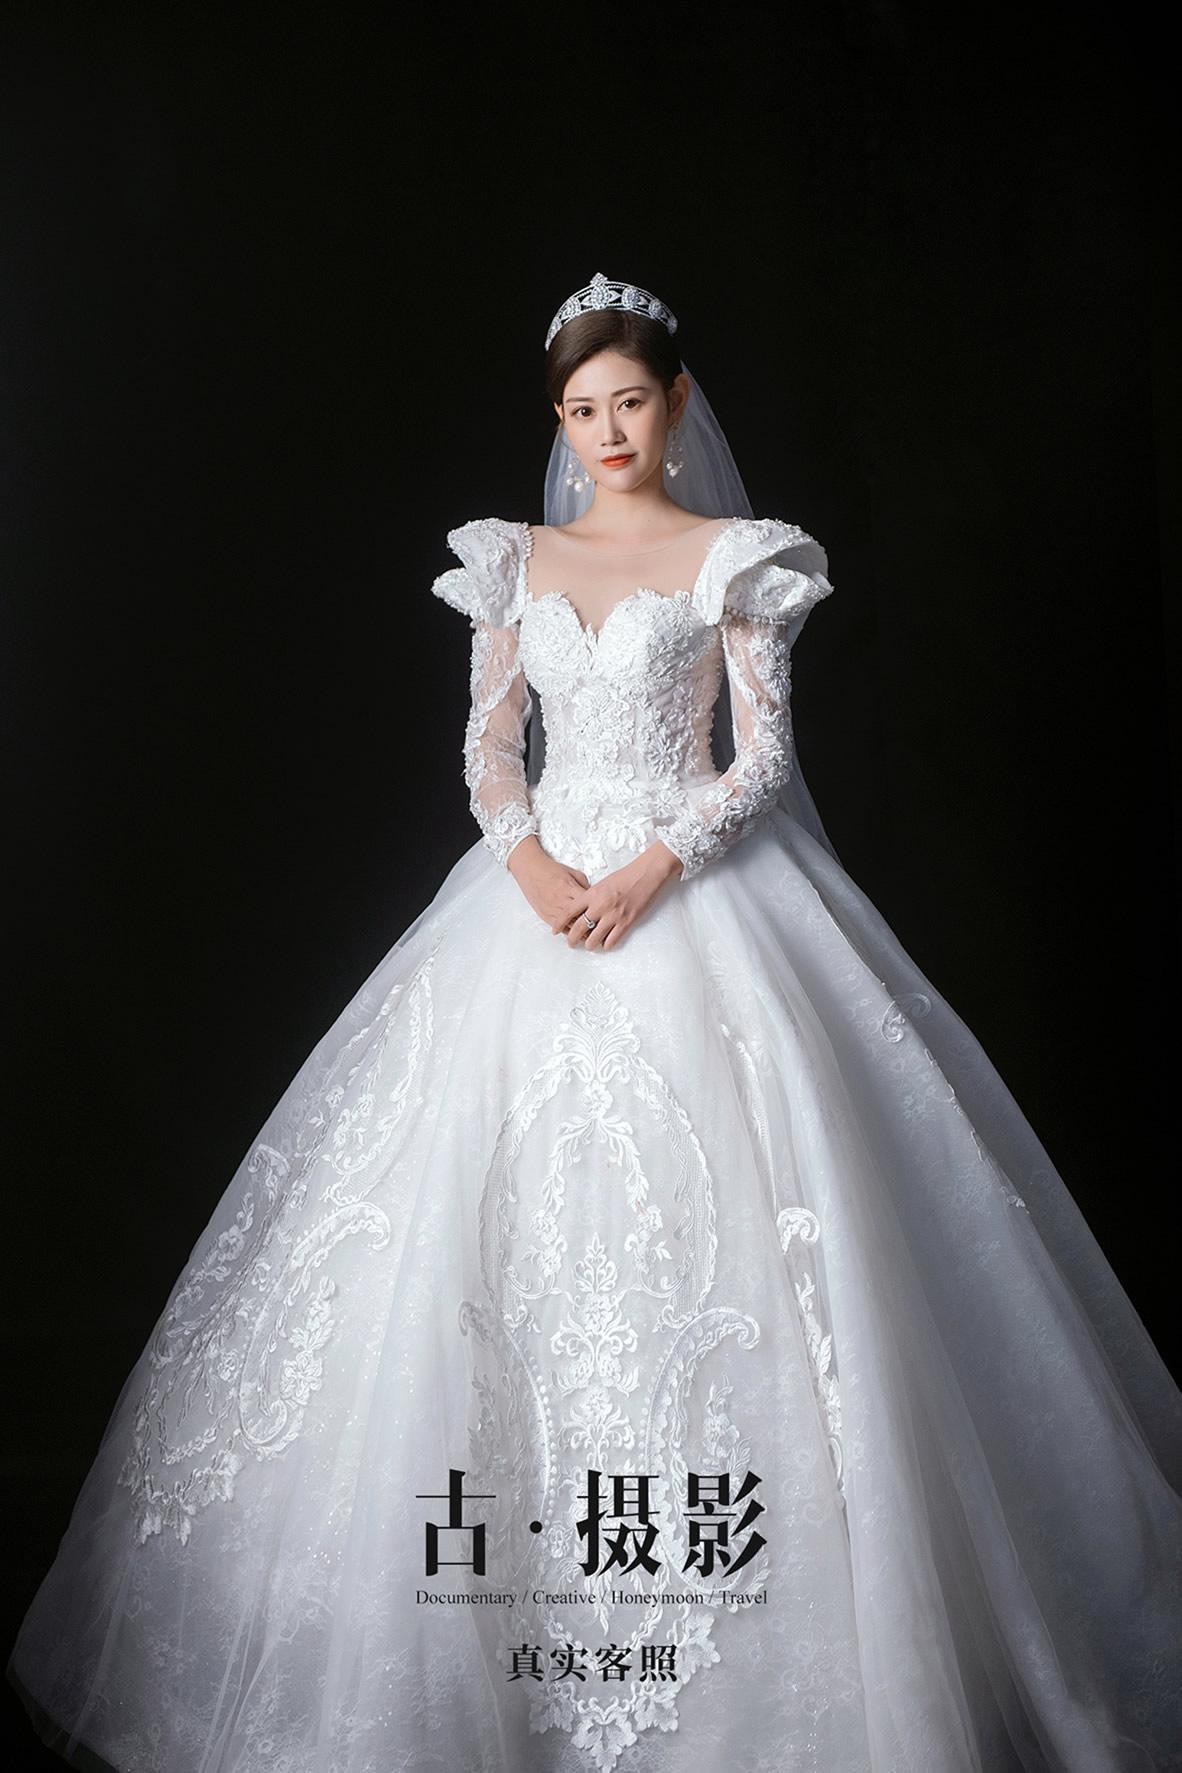 肖先生 宁小姐 - 每日客照 - 广州婚纱摄影-广州古摄影官网